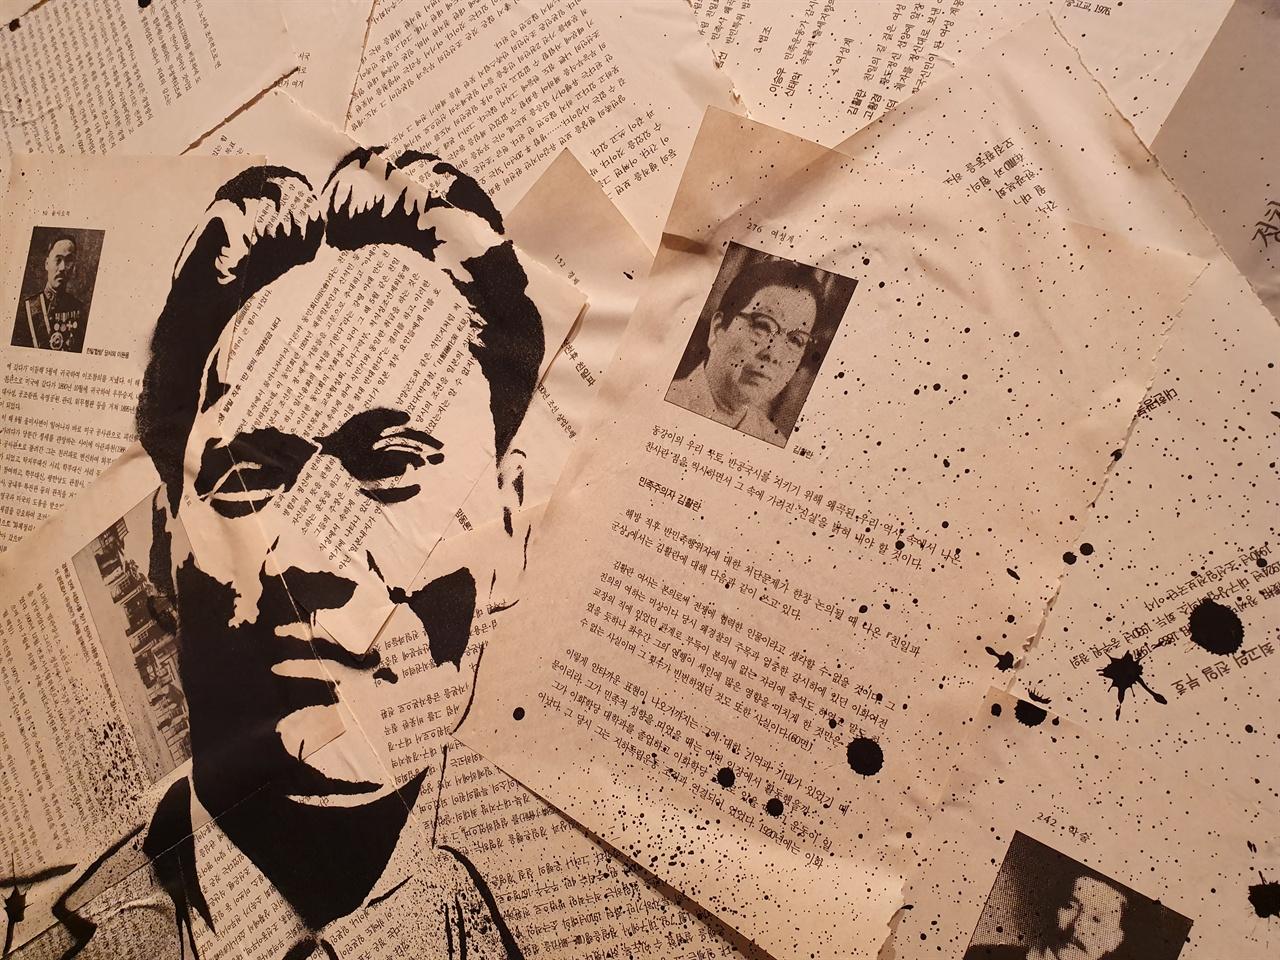 이완용과 김활란, 윤치호 등 친일반민족행위자들의 사진 위에 그려진 윤봉길 의사 그라피티